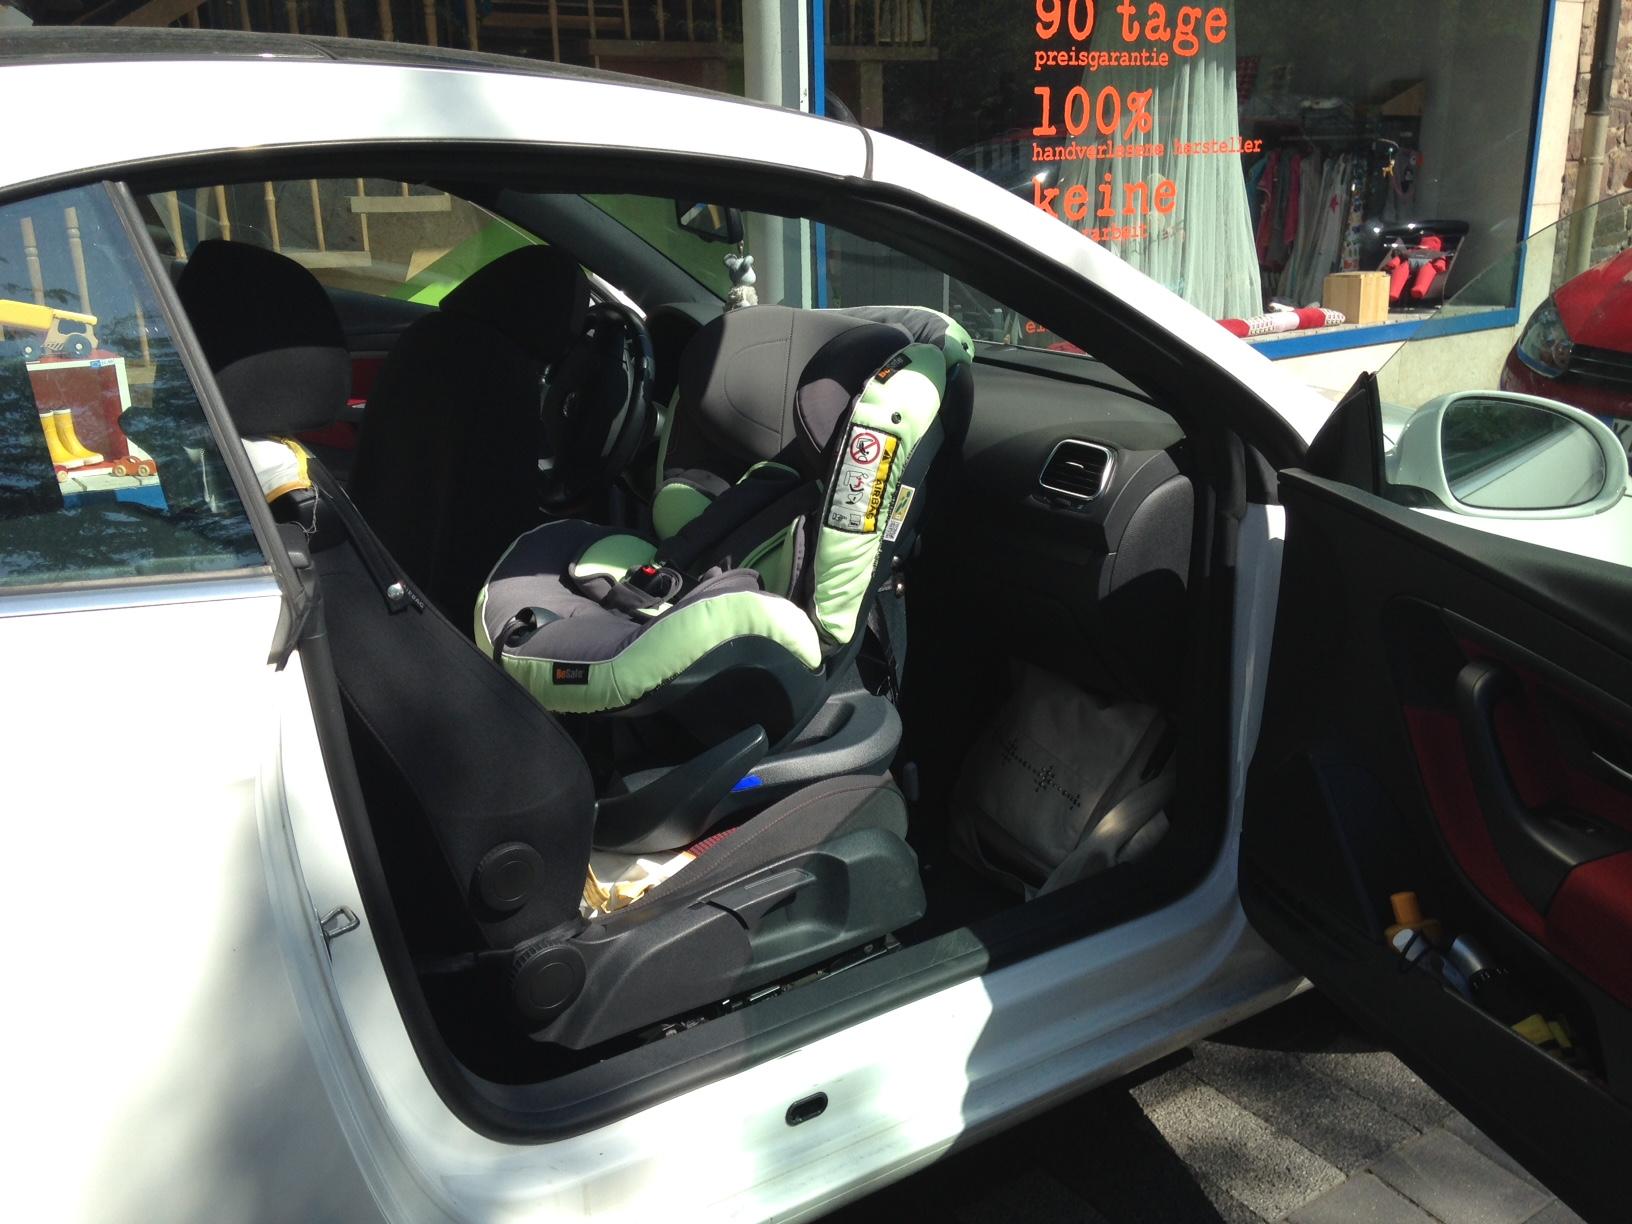 Reboarder auf dem Beifahrersitz- klar, das geht!